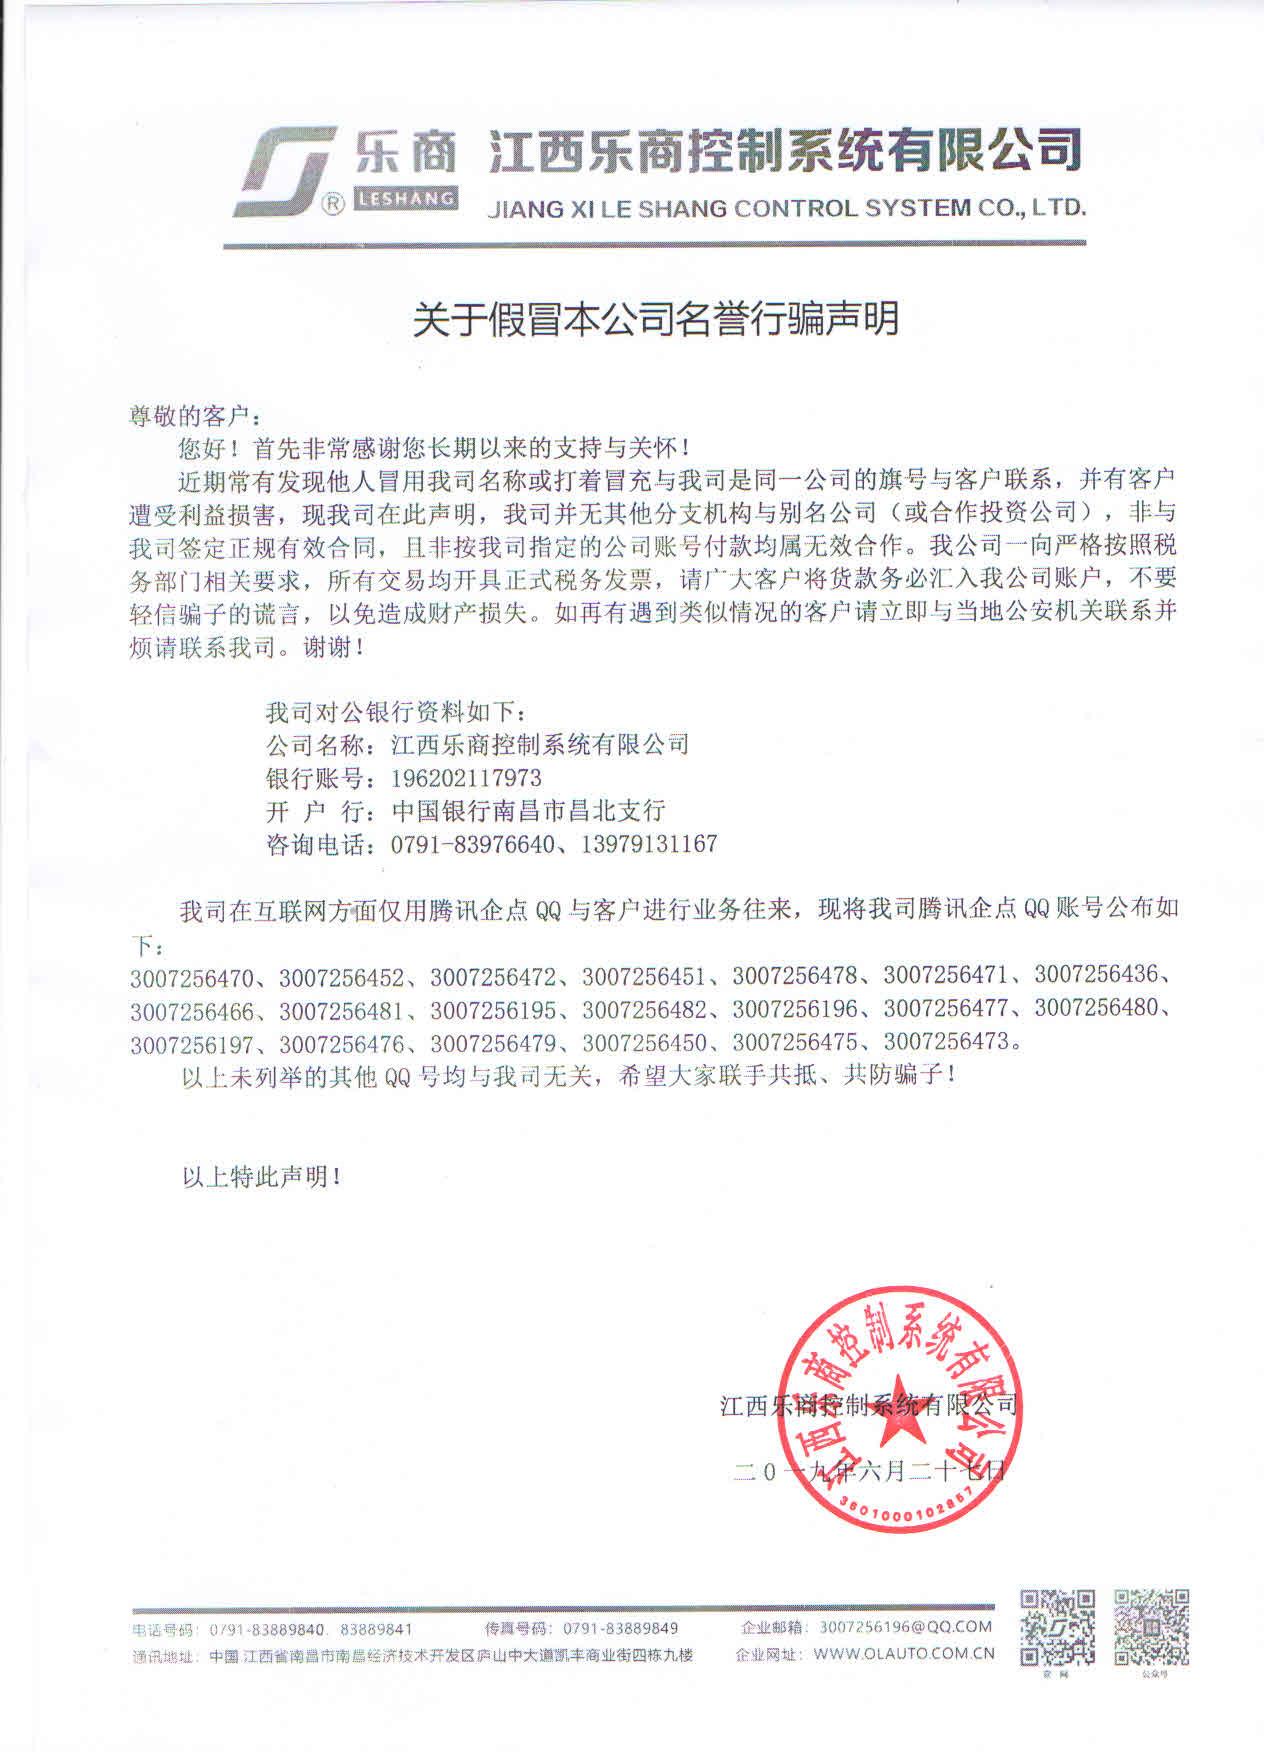 银行放假_关于假冒本公司名誉行骗声明_江西乐商控制系统有限公司